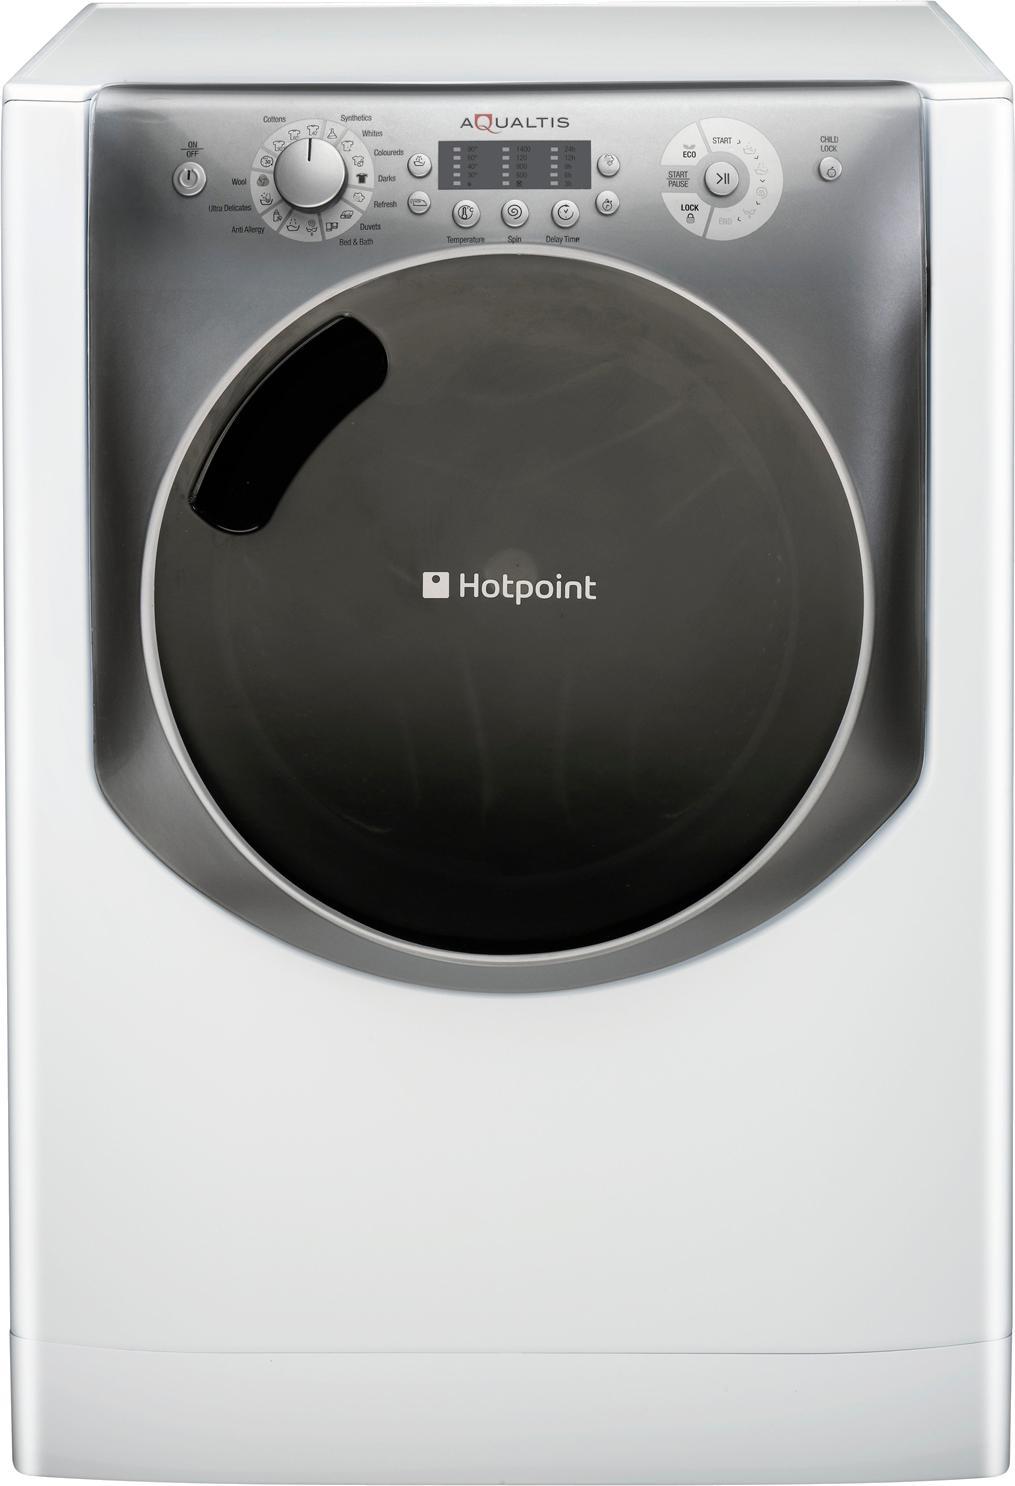 Hotpoint AQ113L 297E